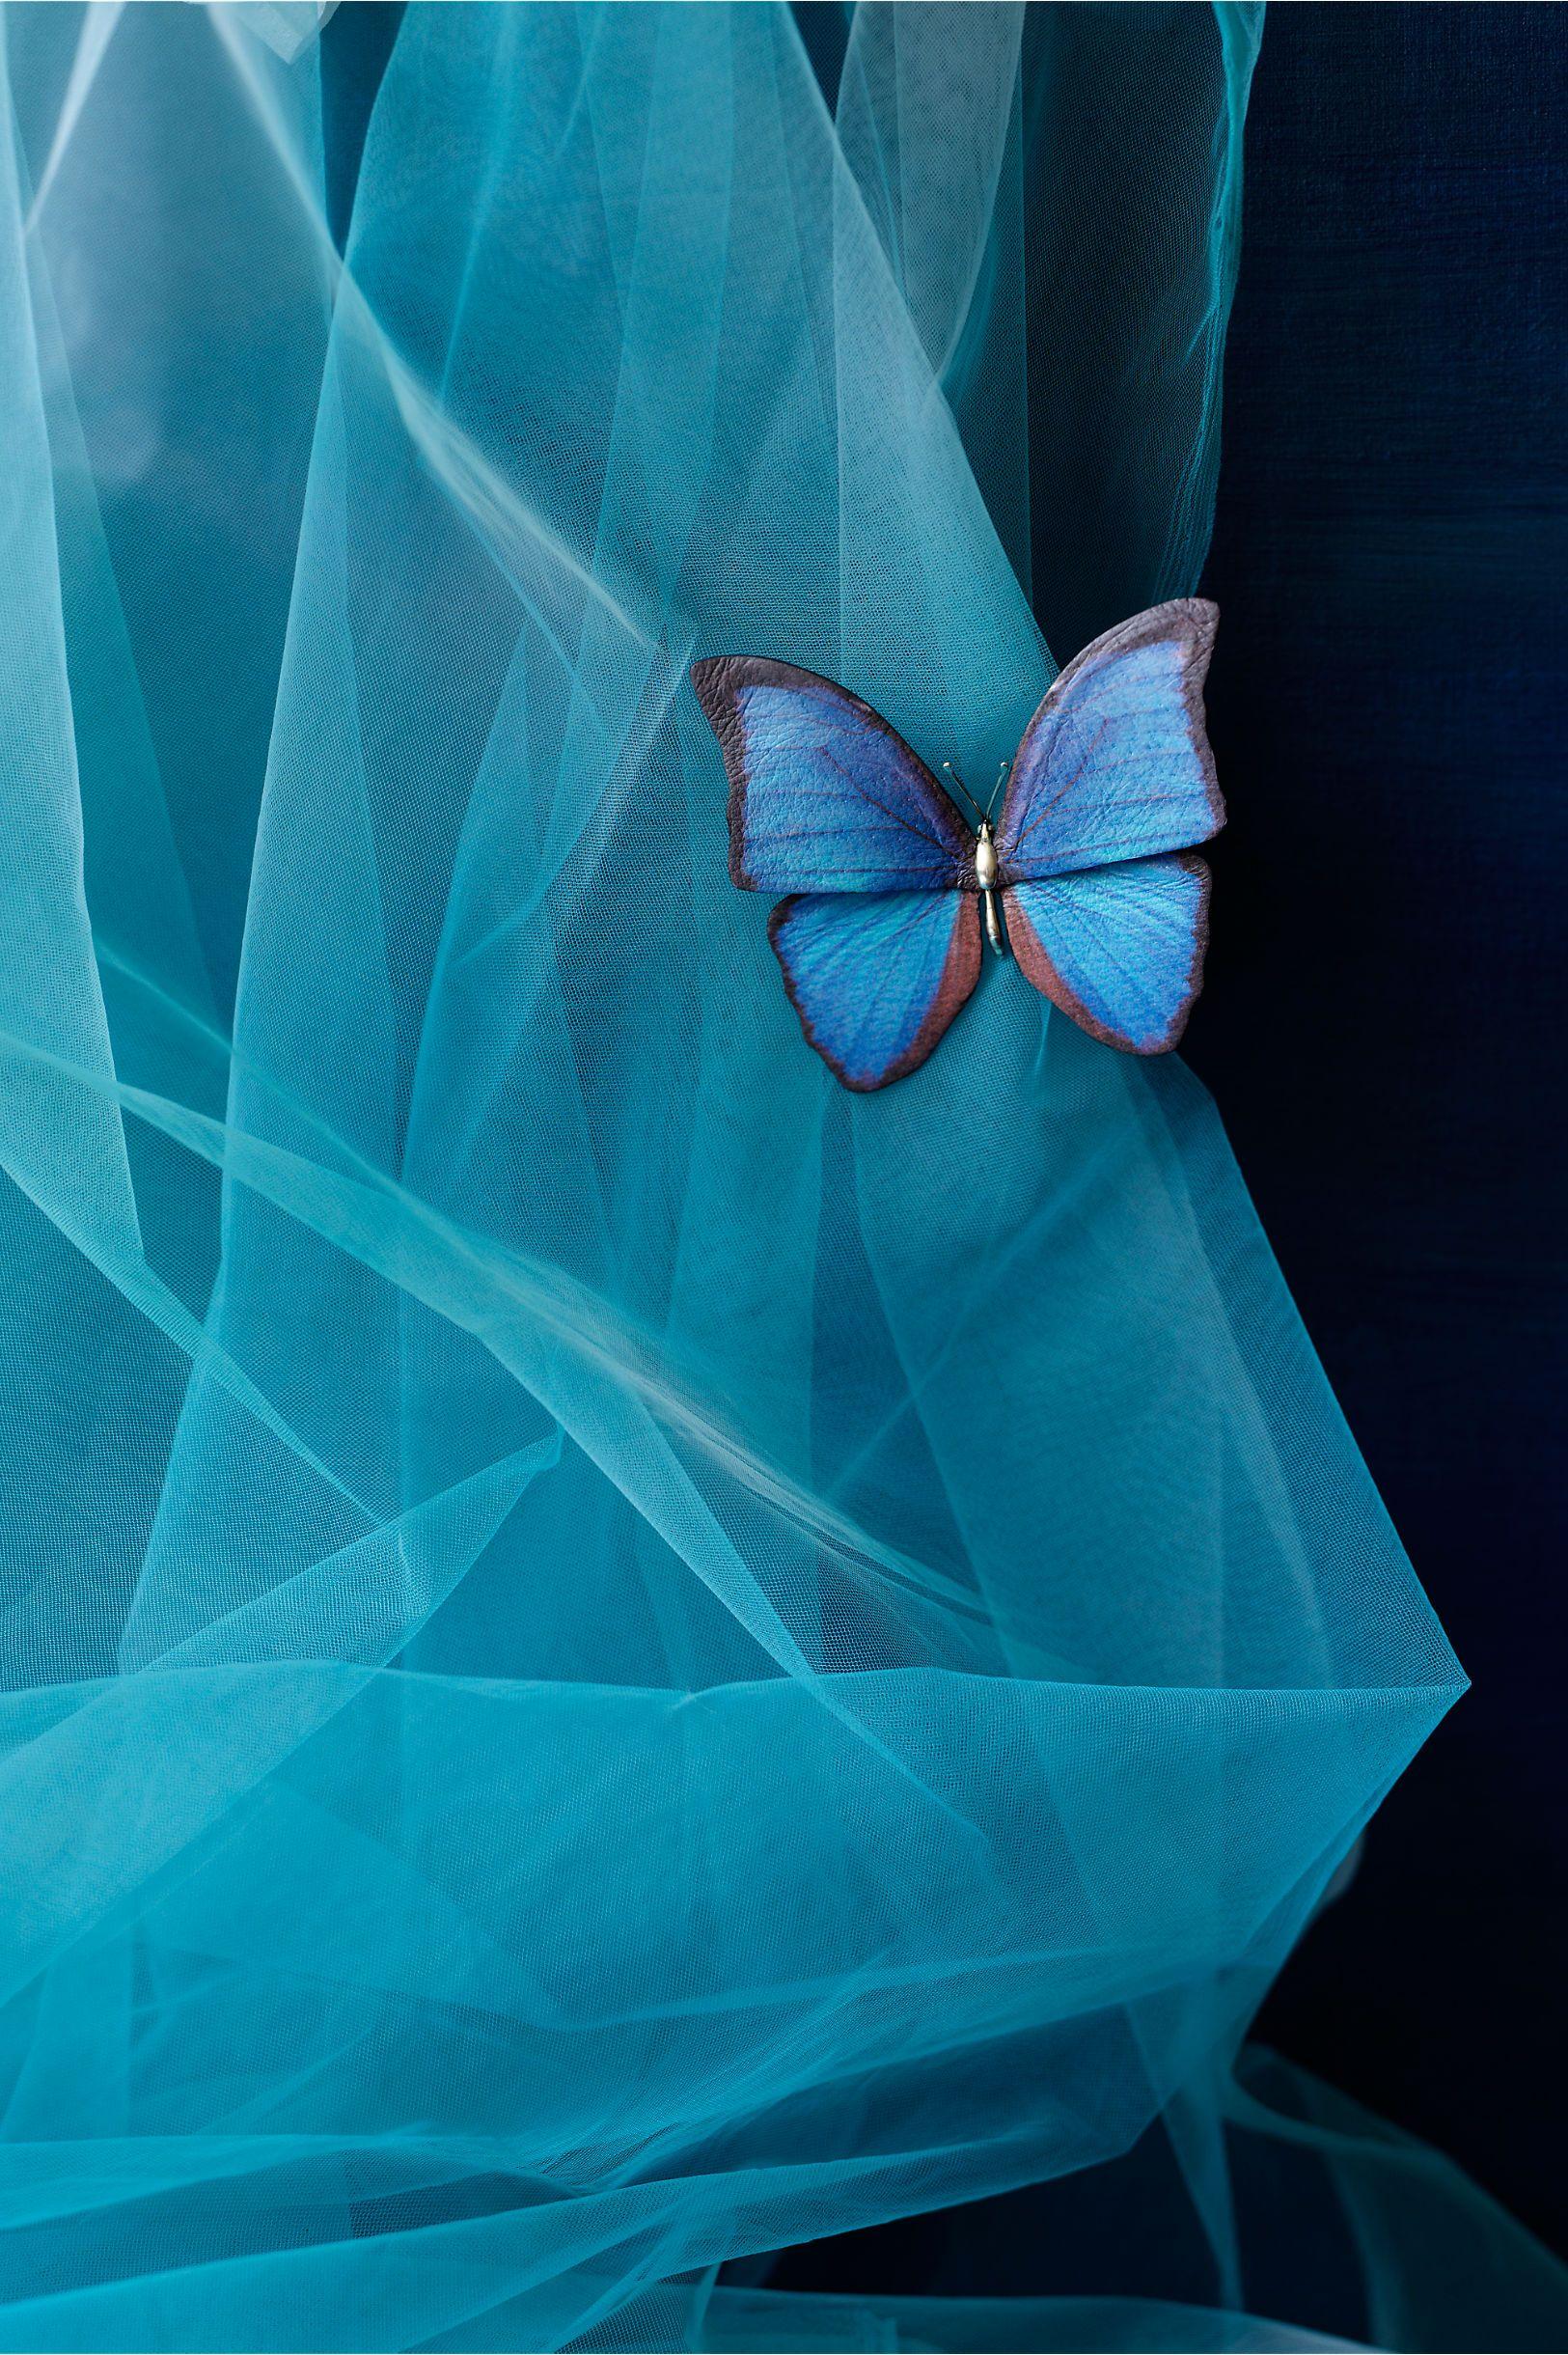 Something Blue #blue